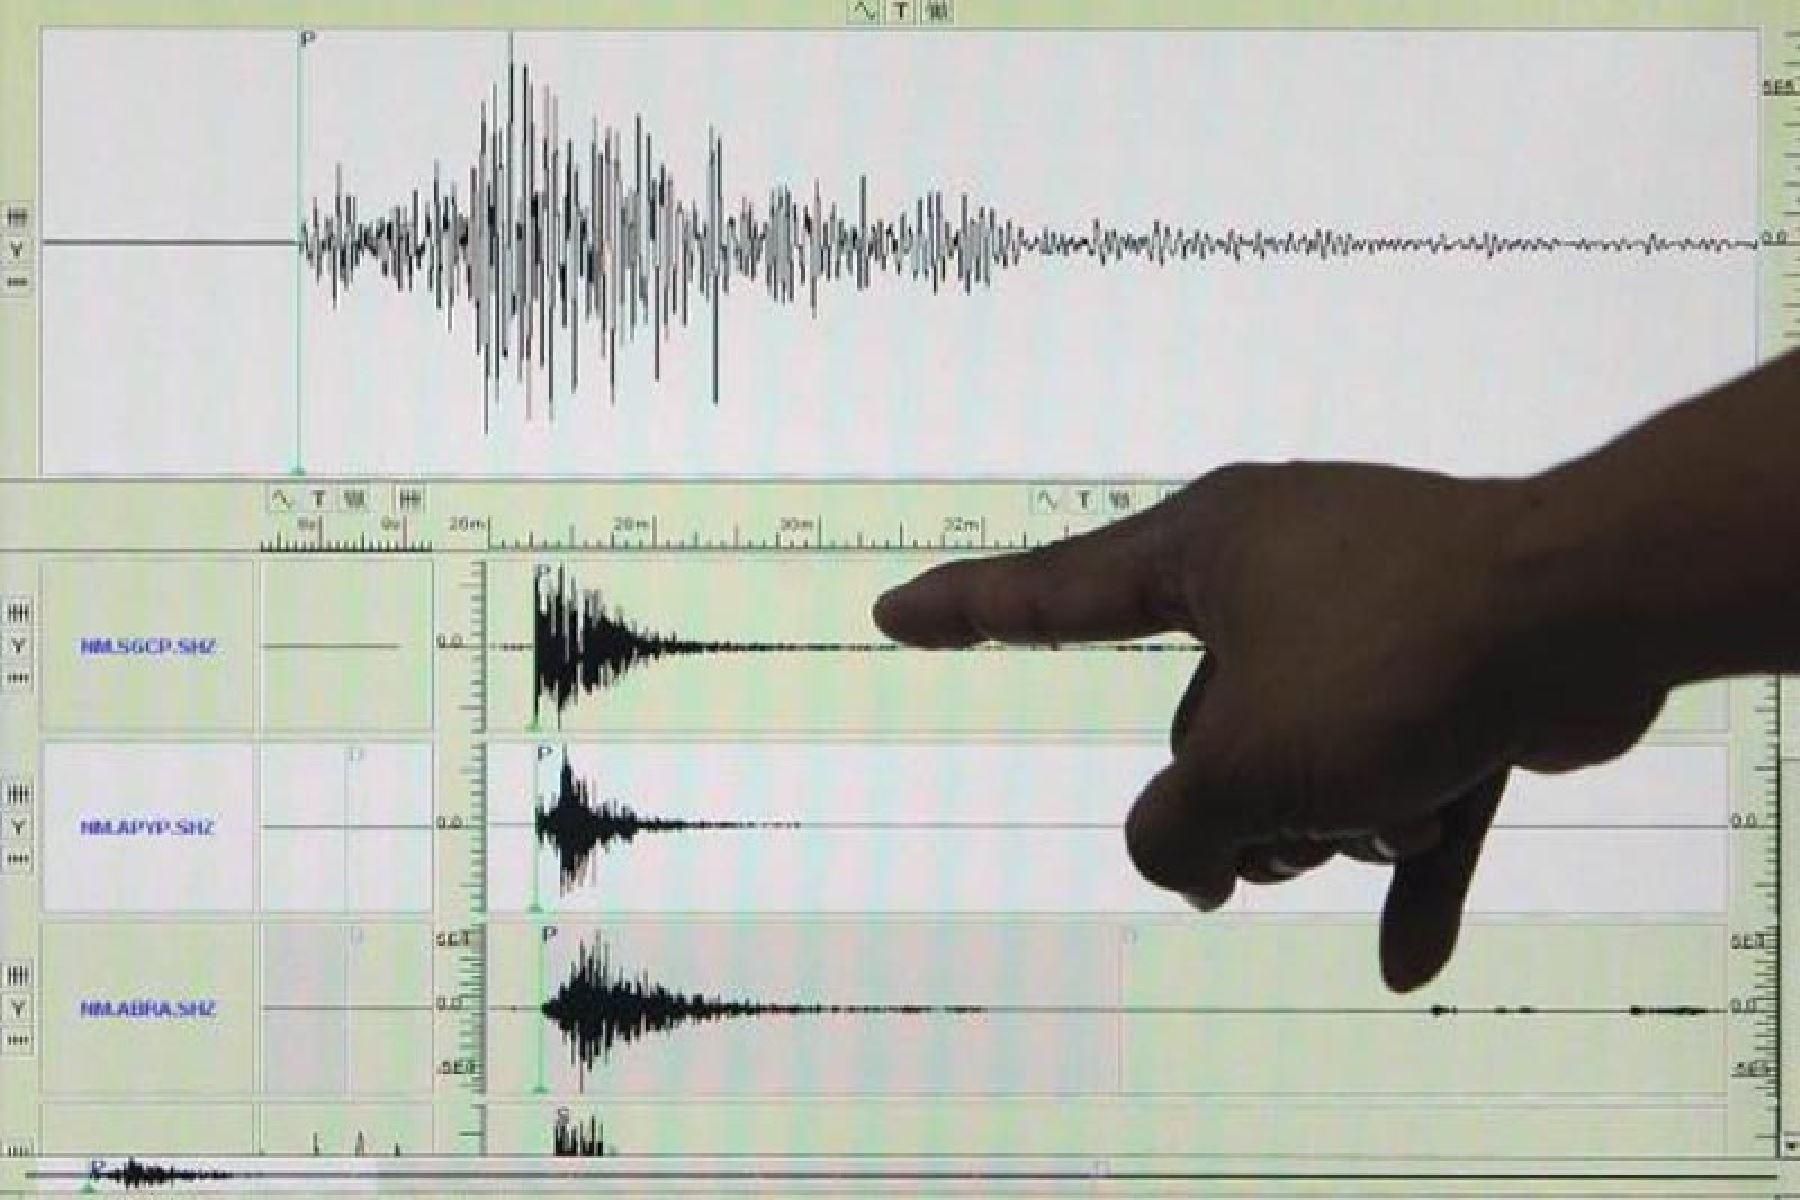 Sismos de 4 grados se presentaron en Trujillo, Ucayali y Cajamarca sin registrar daños, informaron el Instituto Geofísico del Perú y el Instituto Nacional de Defensa Civil (Indeci). ANDINA/Difusión